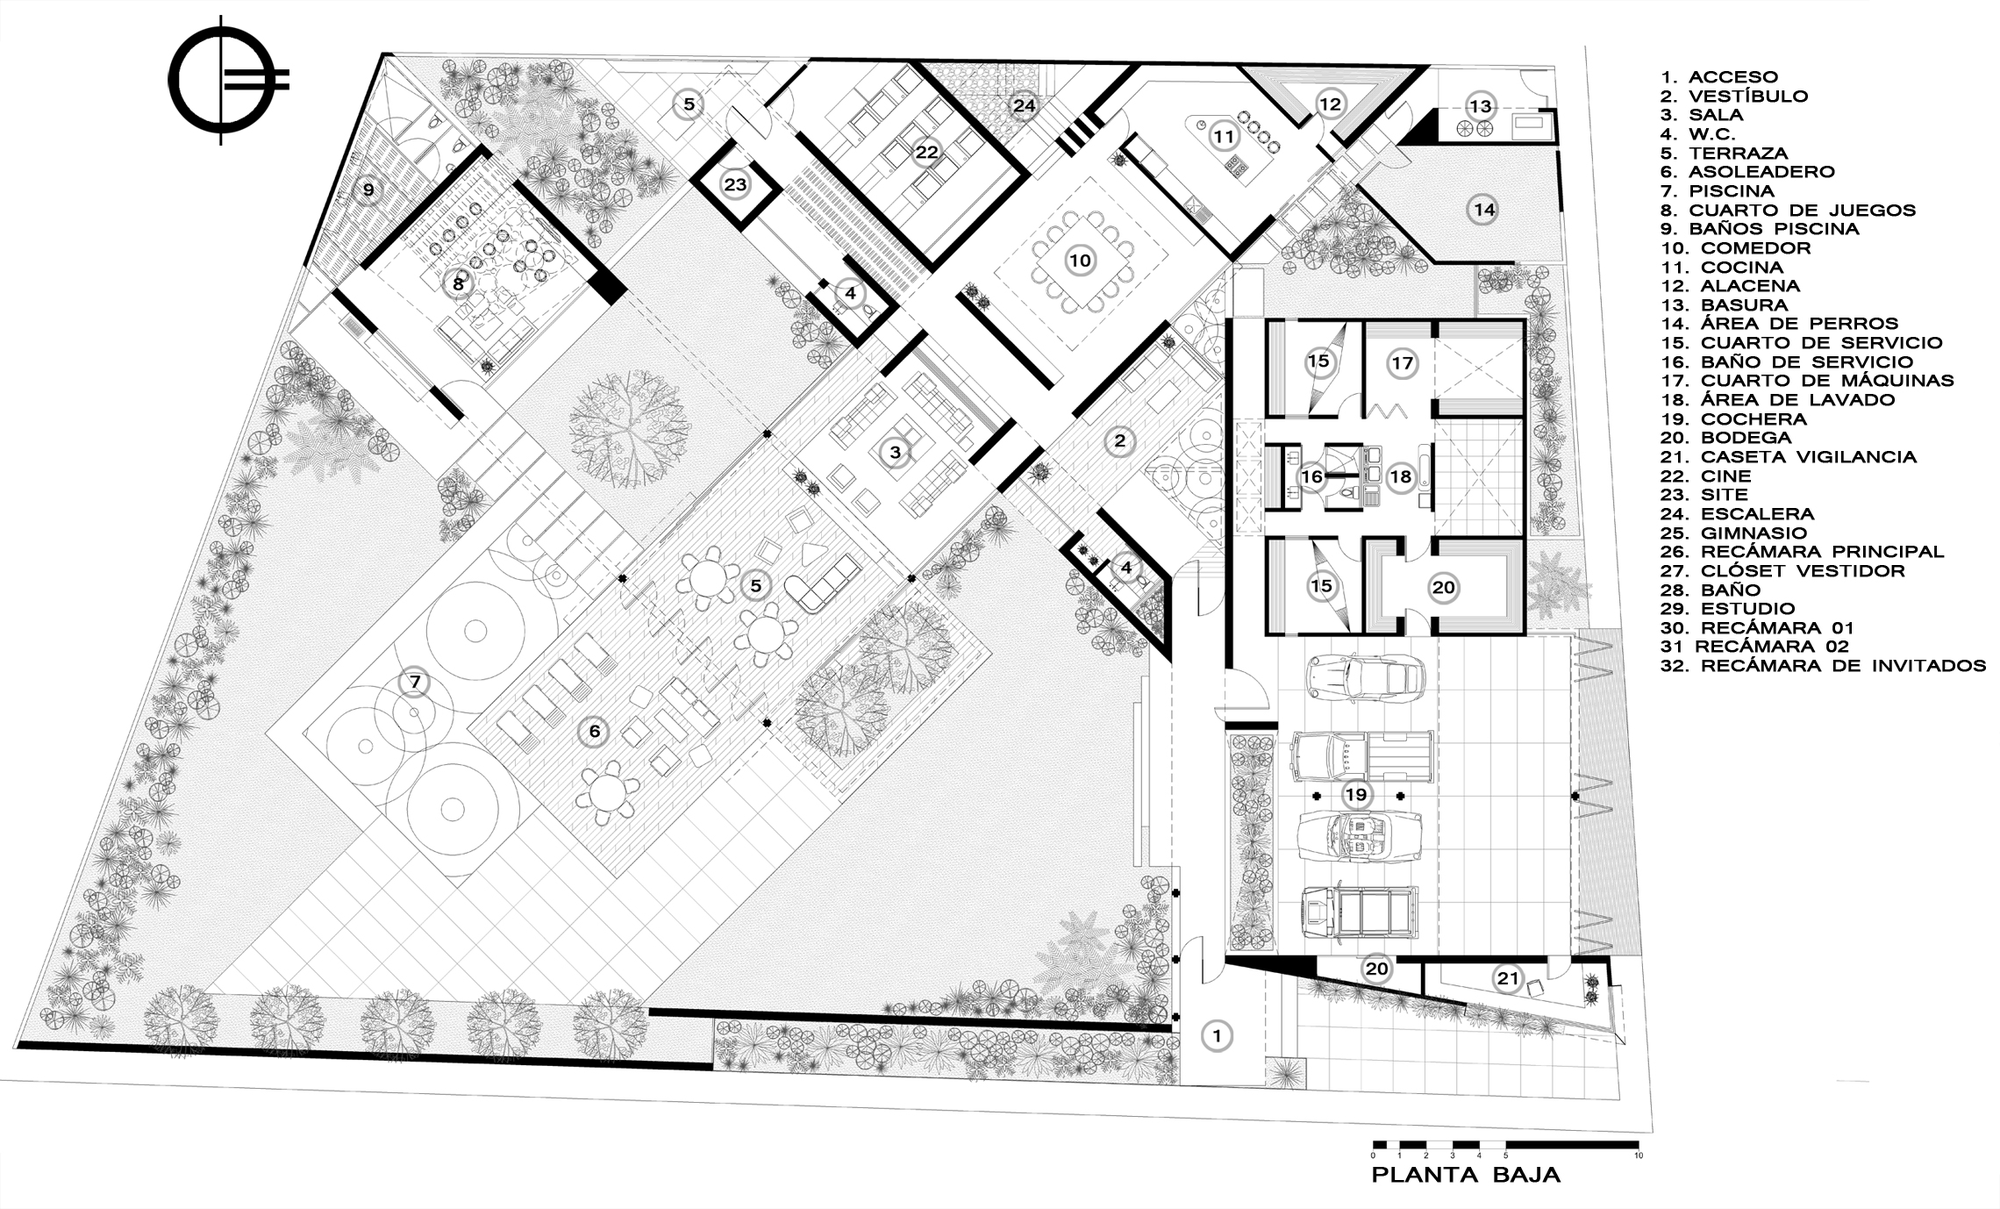 5305f574e8e44e12c0000008_temozon-house-carrillo-arquitectos-y-asociados_planta_baja